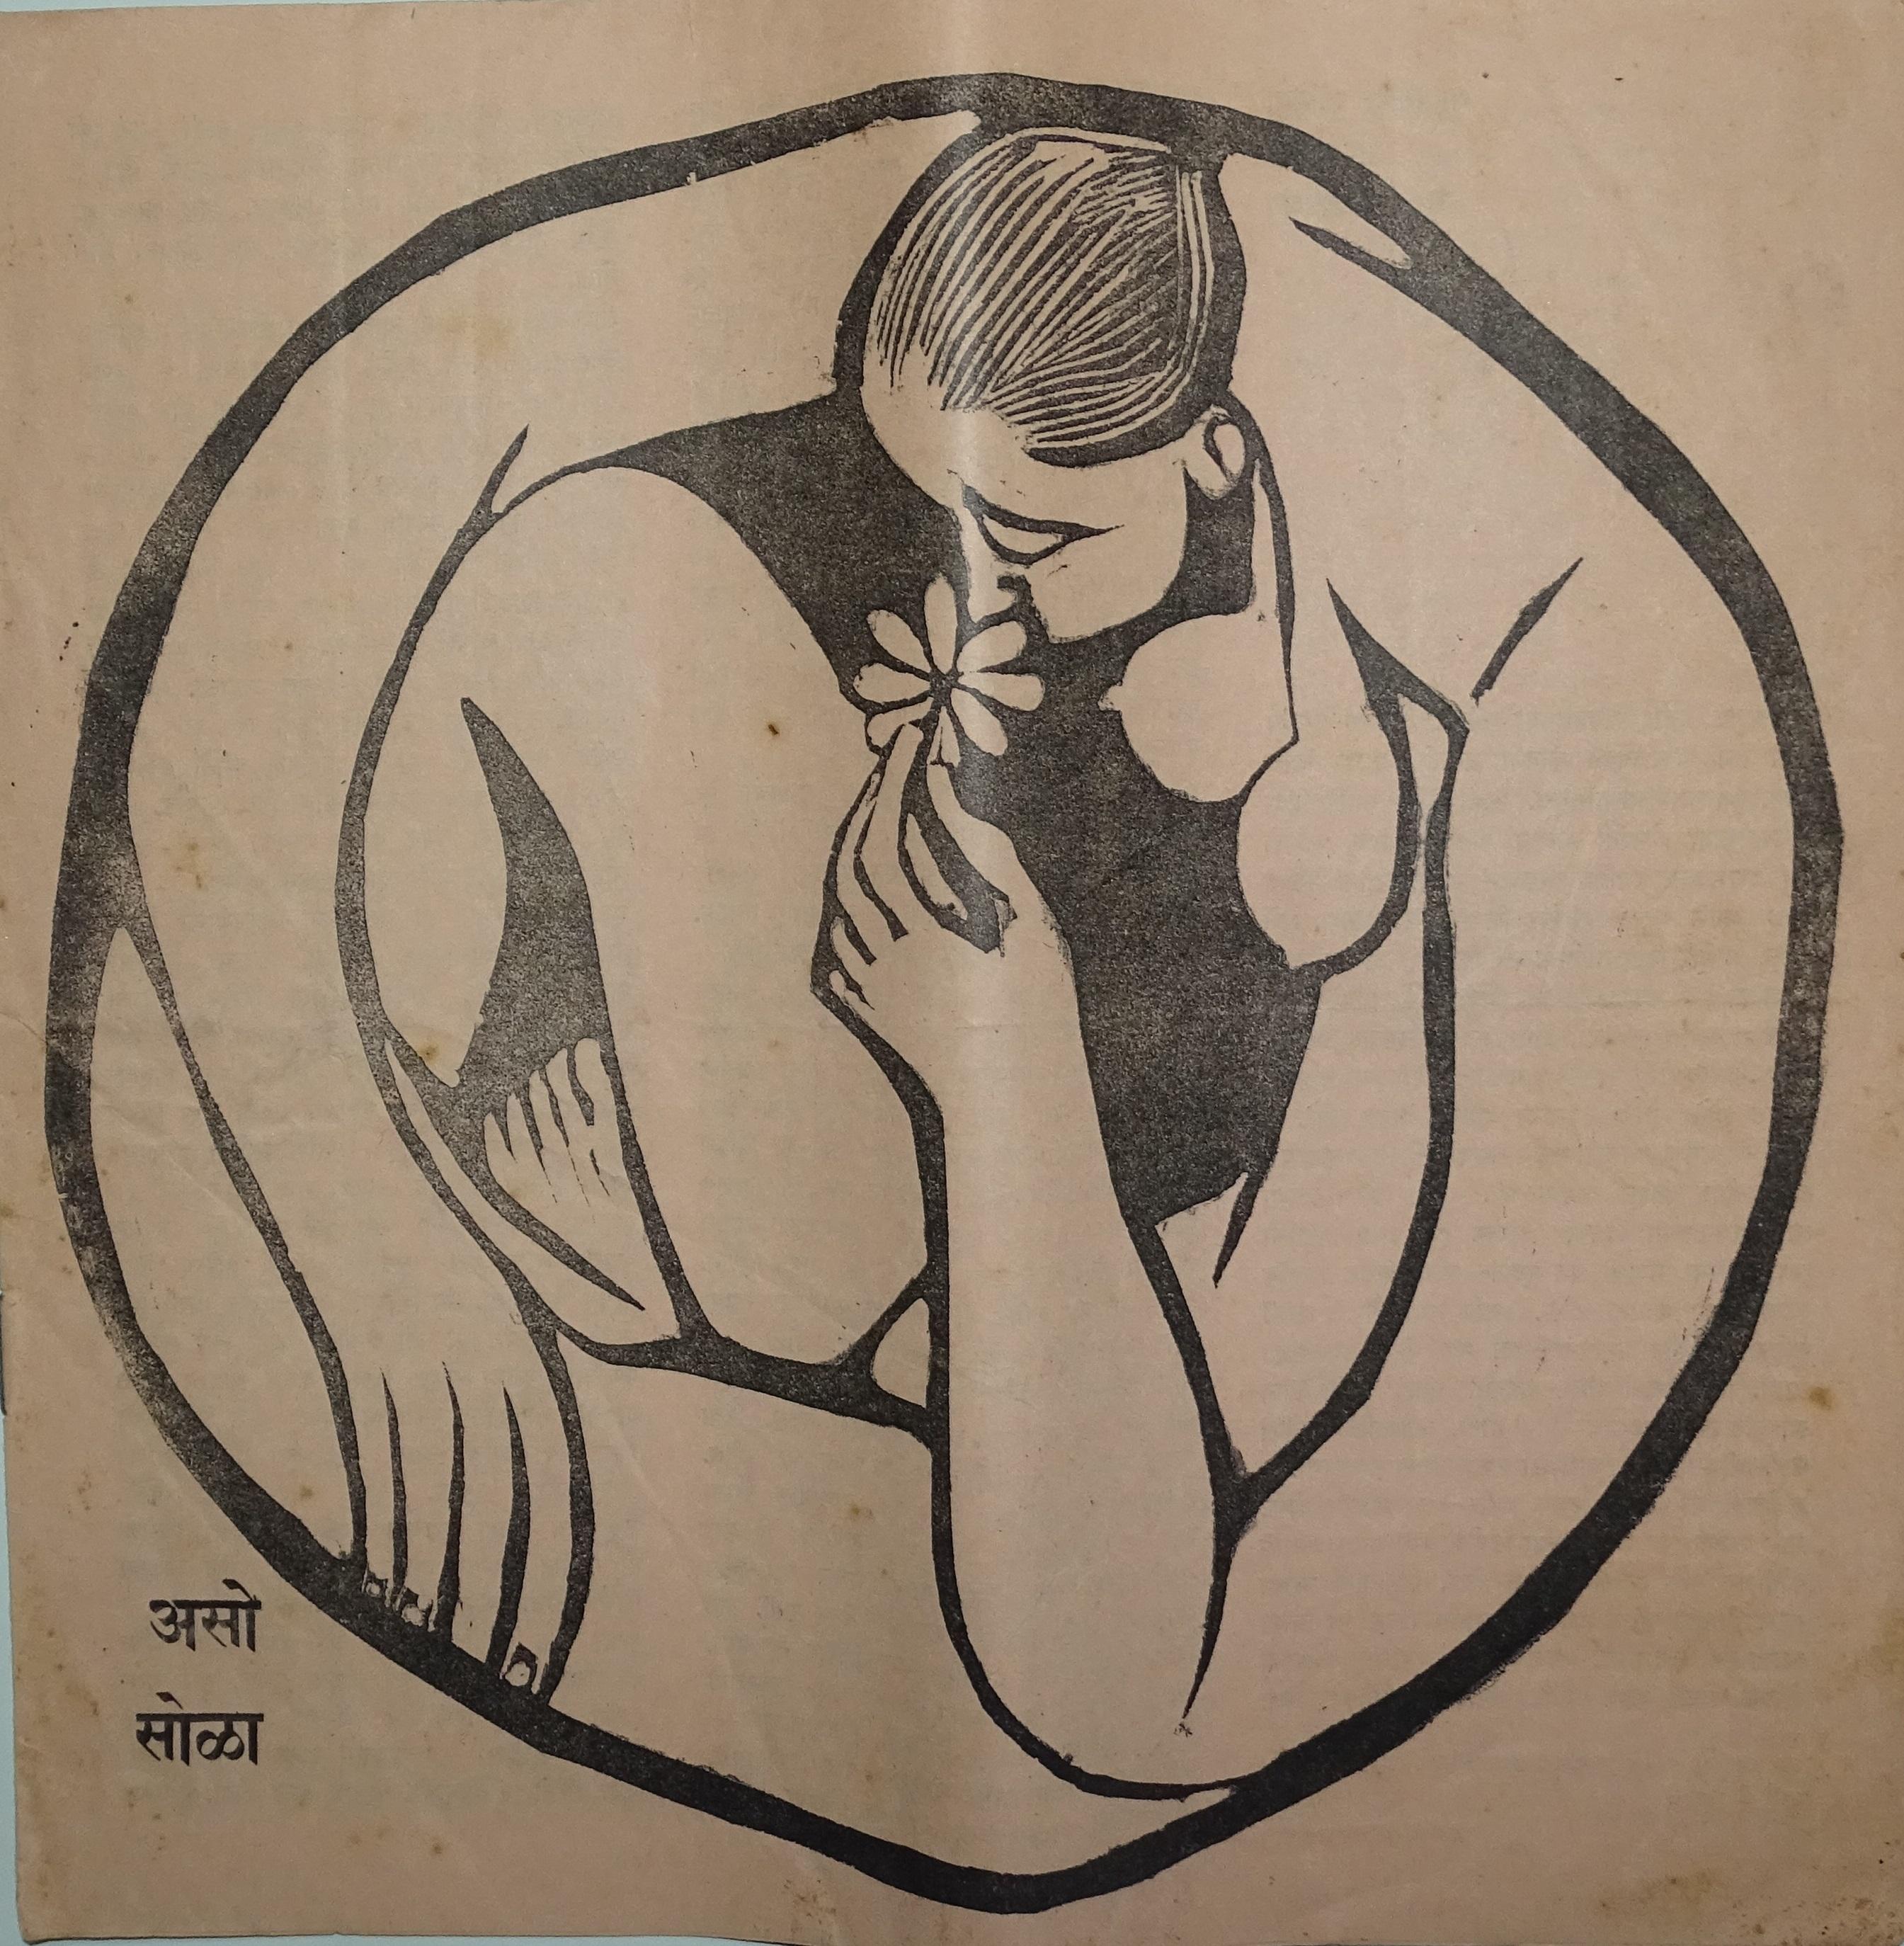 Cover of Marathi literary magazine Aso. Credit: Anjali Nerlekar